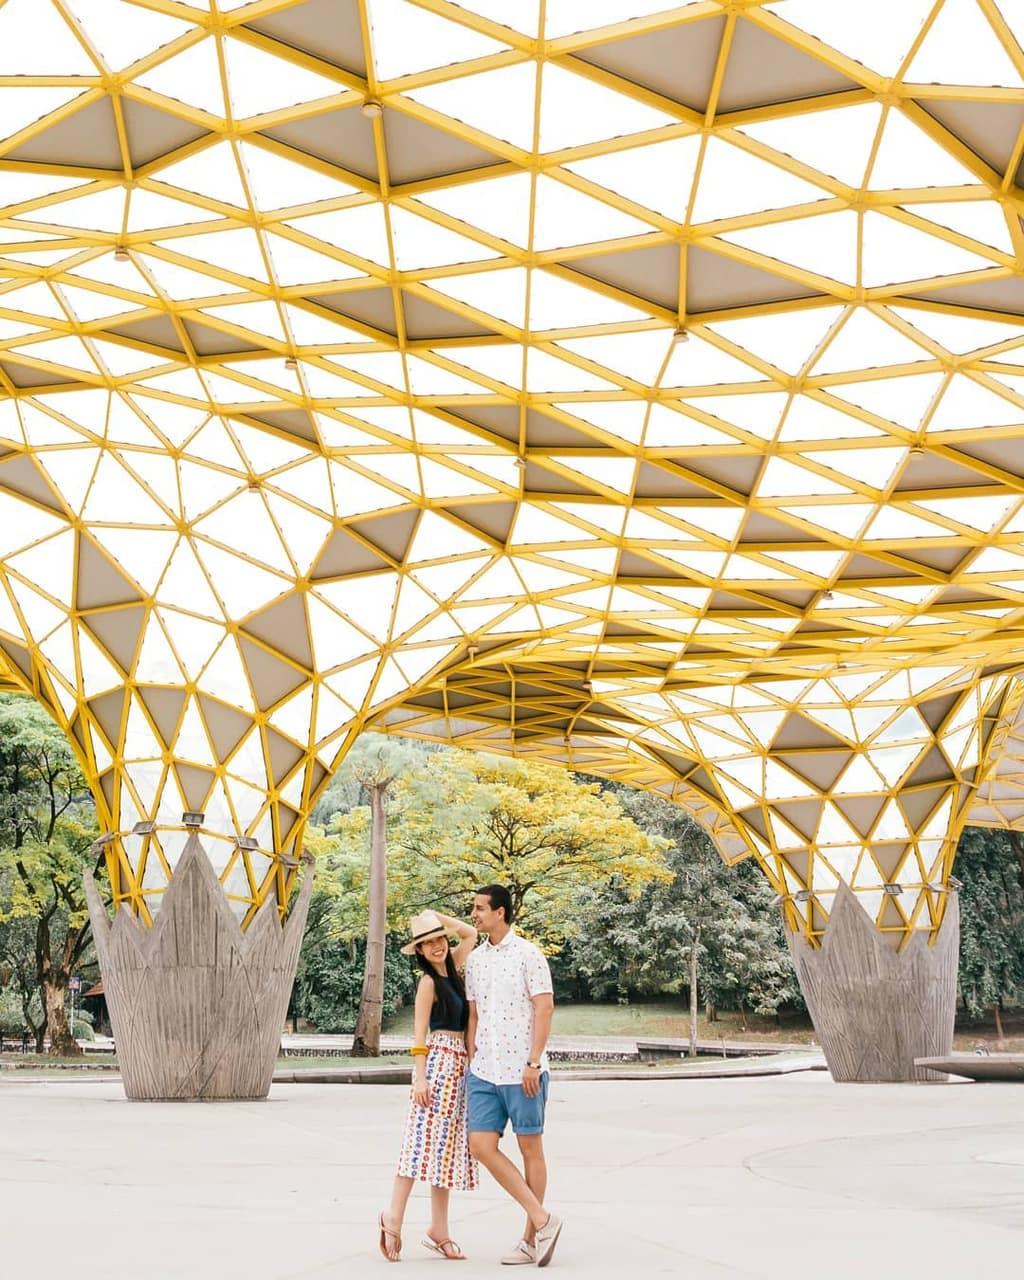 Perdana Botanical Gardens, Lake Gardens, Kuala Lumpur, by @travelinoureyes